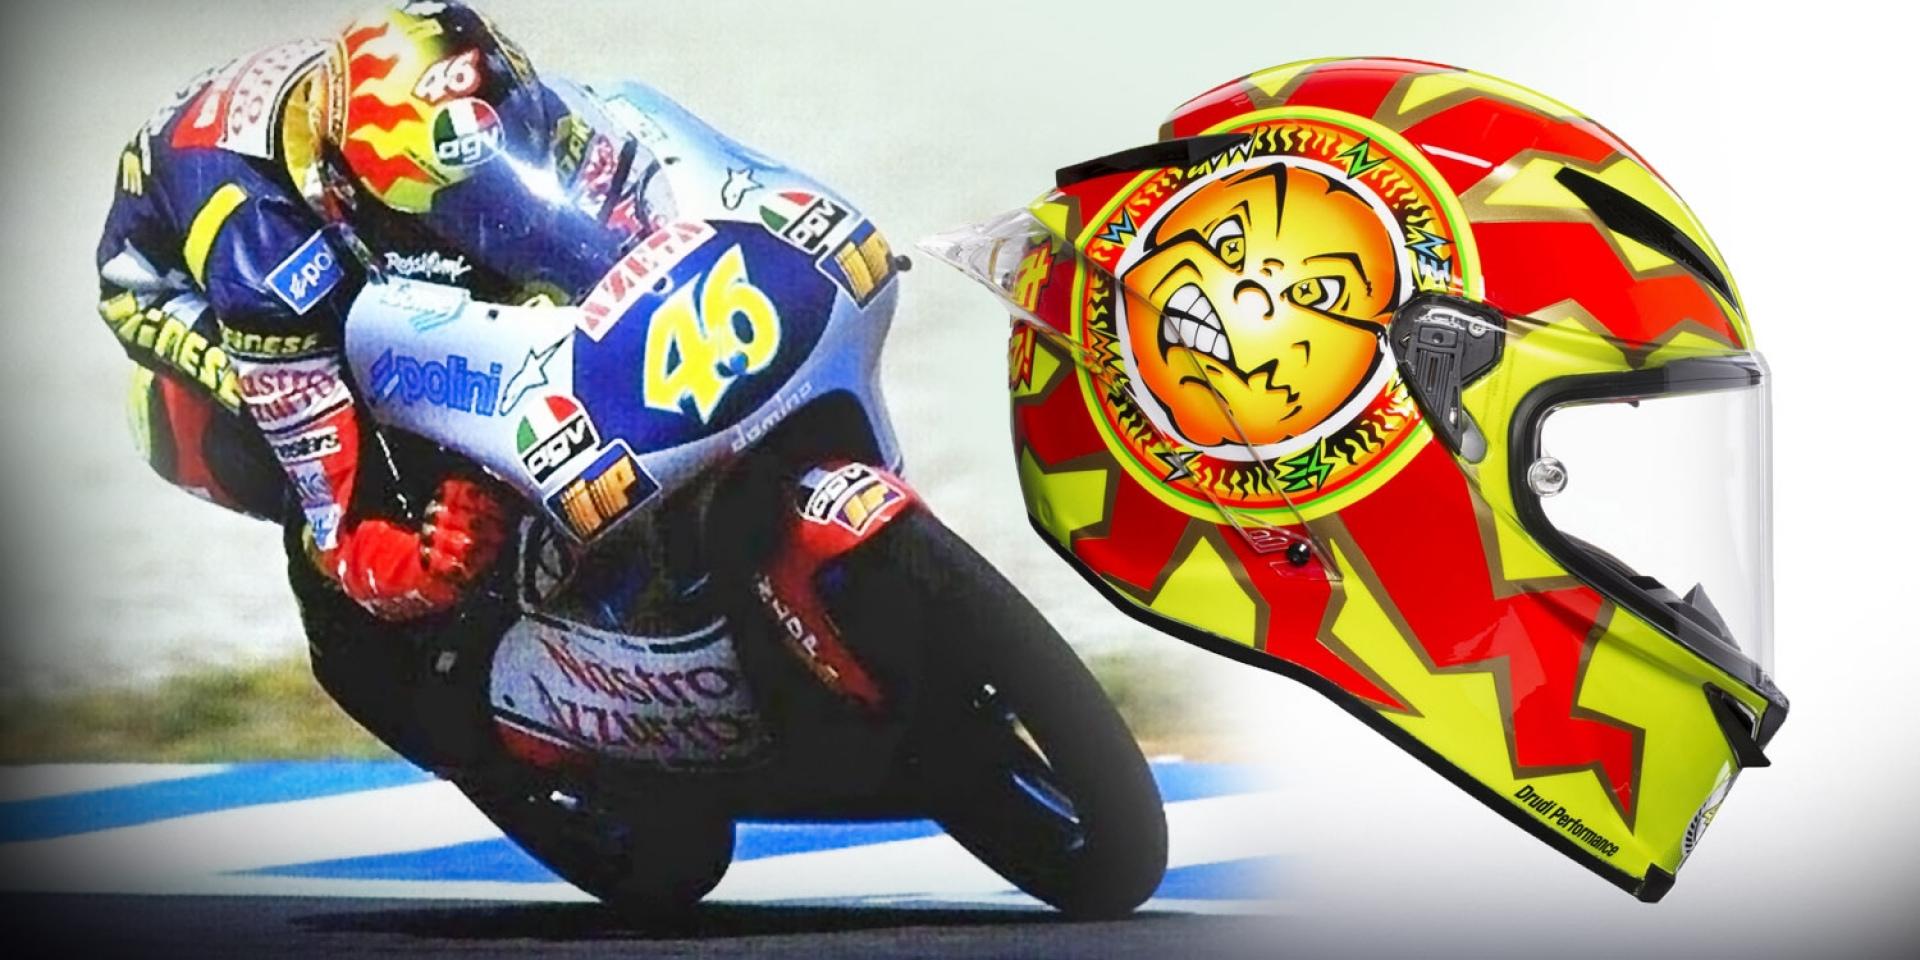 經典塗裝重現。AGV發表Rossi 20週年限量紀念帽